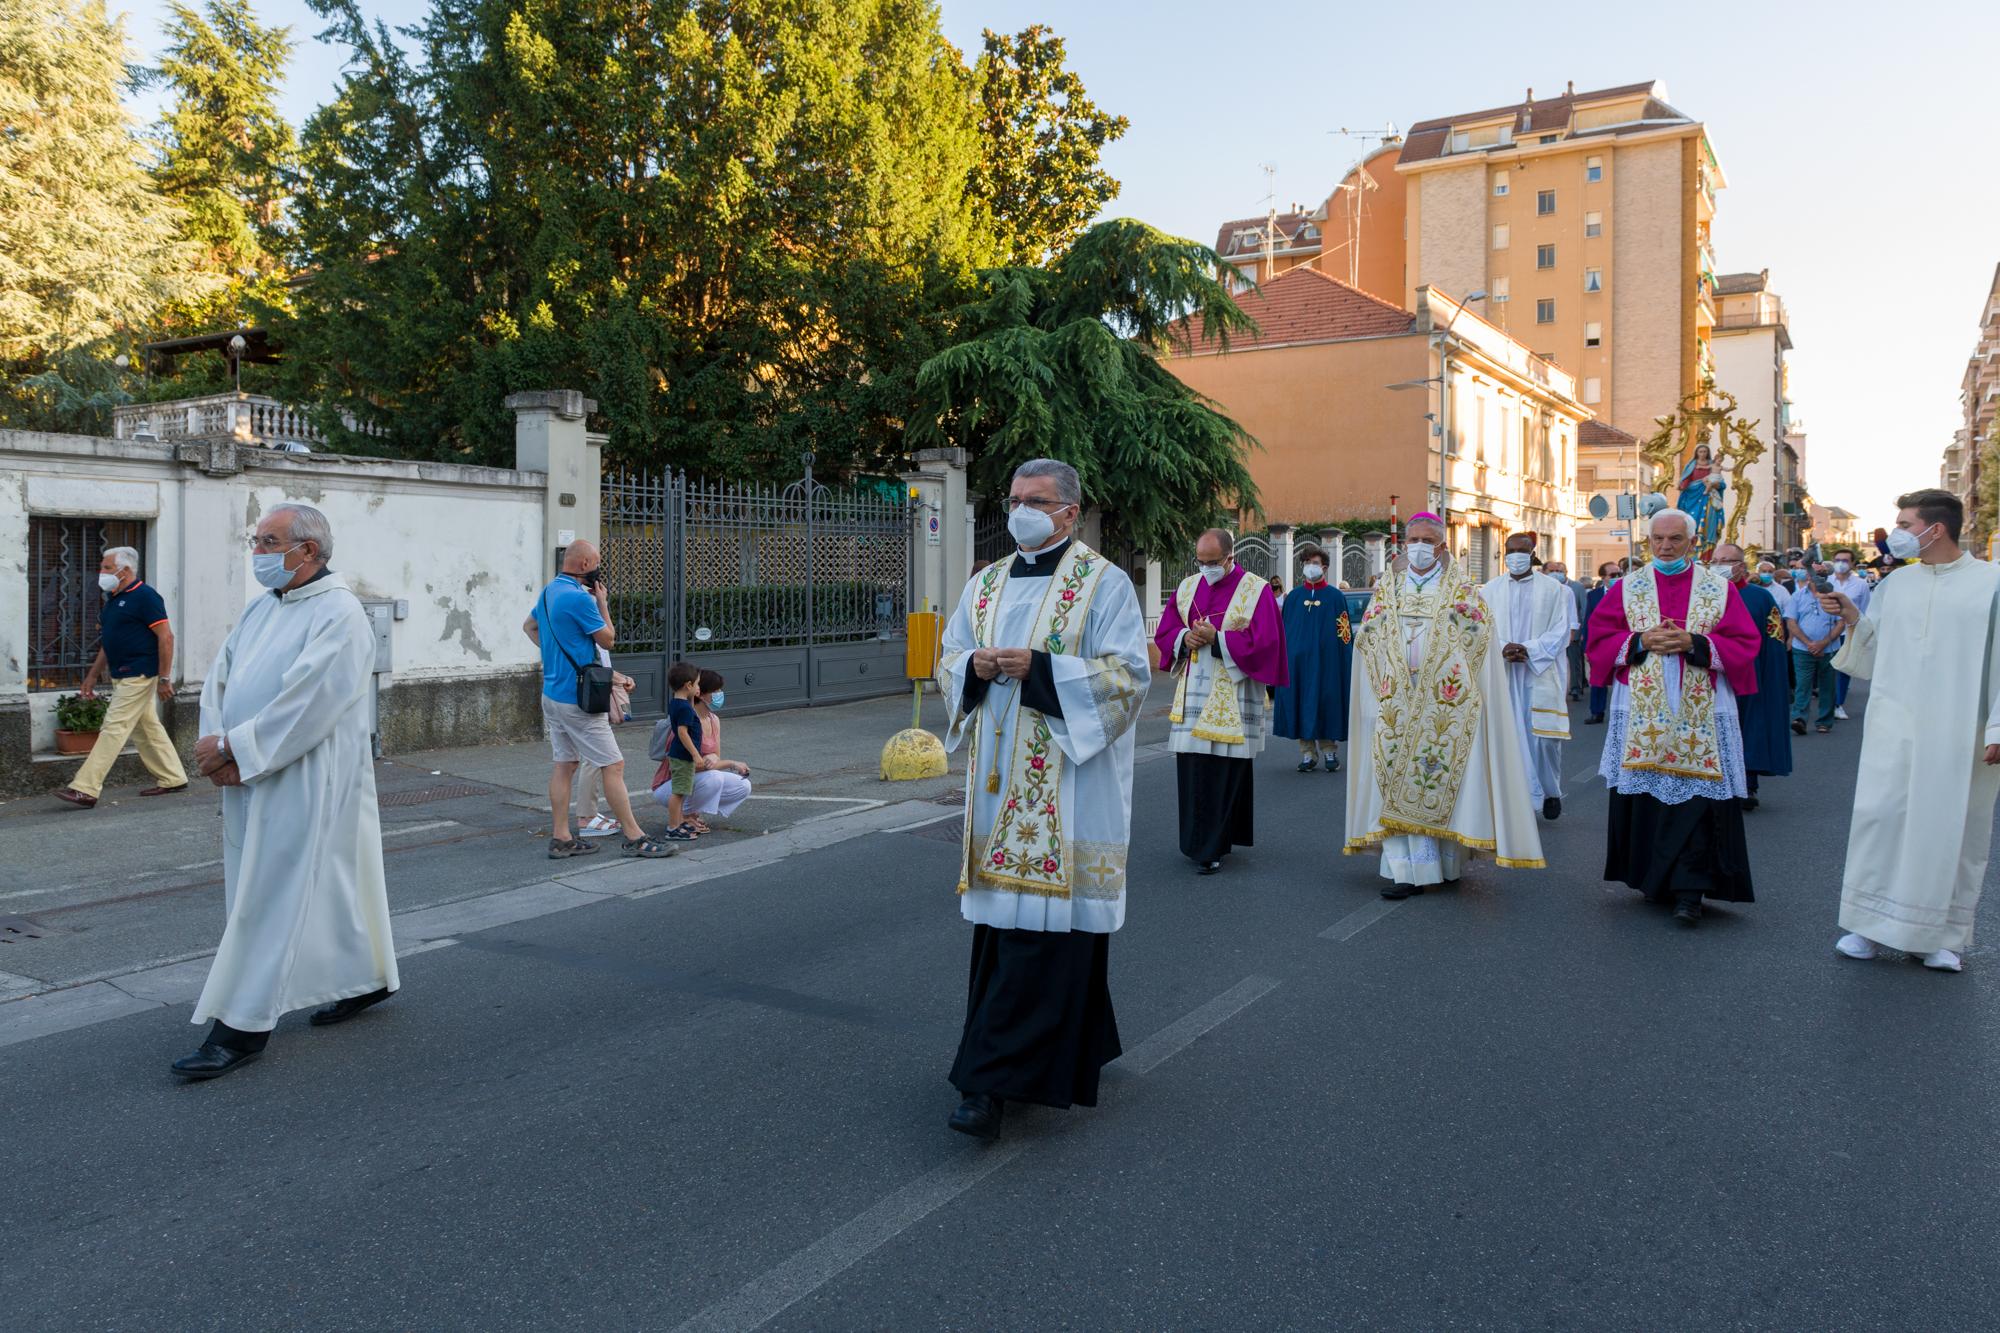 29-agosto-2021-Viola-17-e-processione-MdG-–-FOTO_mdg_-70